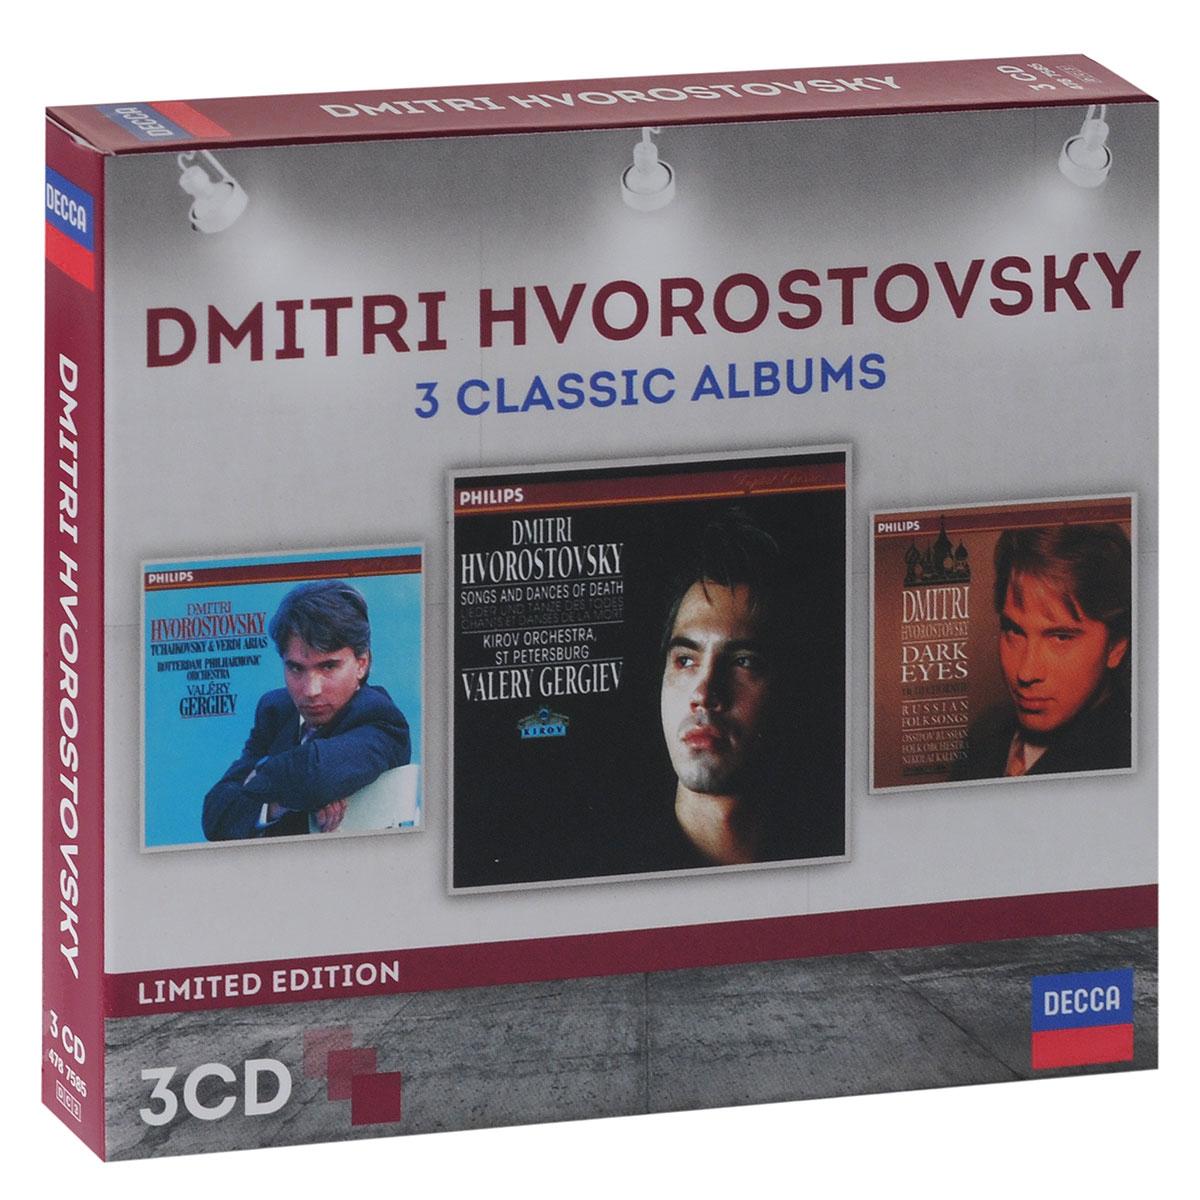 Dmitri Hvorostovsky. 3 Classic Albums (3 CD)